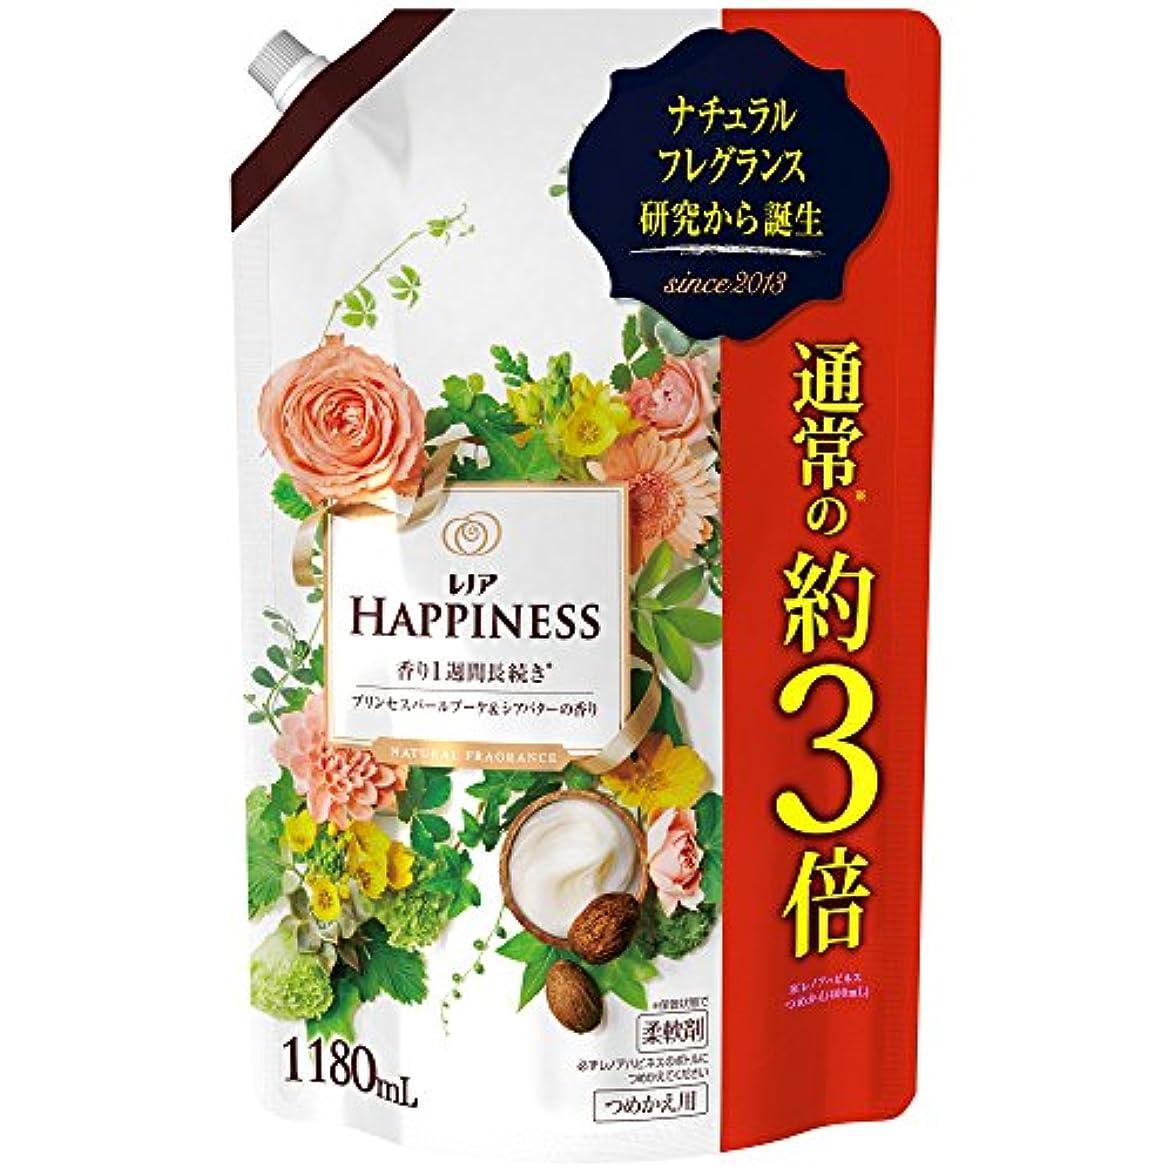 範囲憤る姿を消すレノアハピネス 柔軟剤 ナチュラルフレグランス プリンセスパールブーケ&シアバターの香り 詰め替え 超特大 1180mL